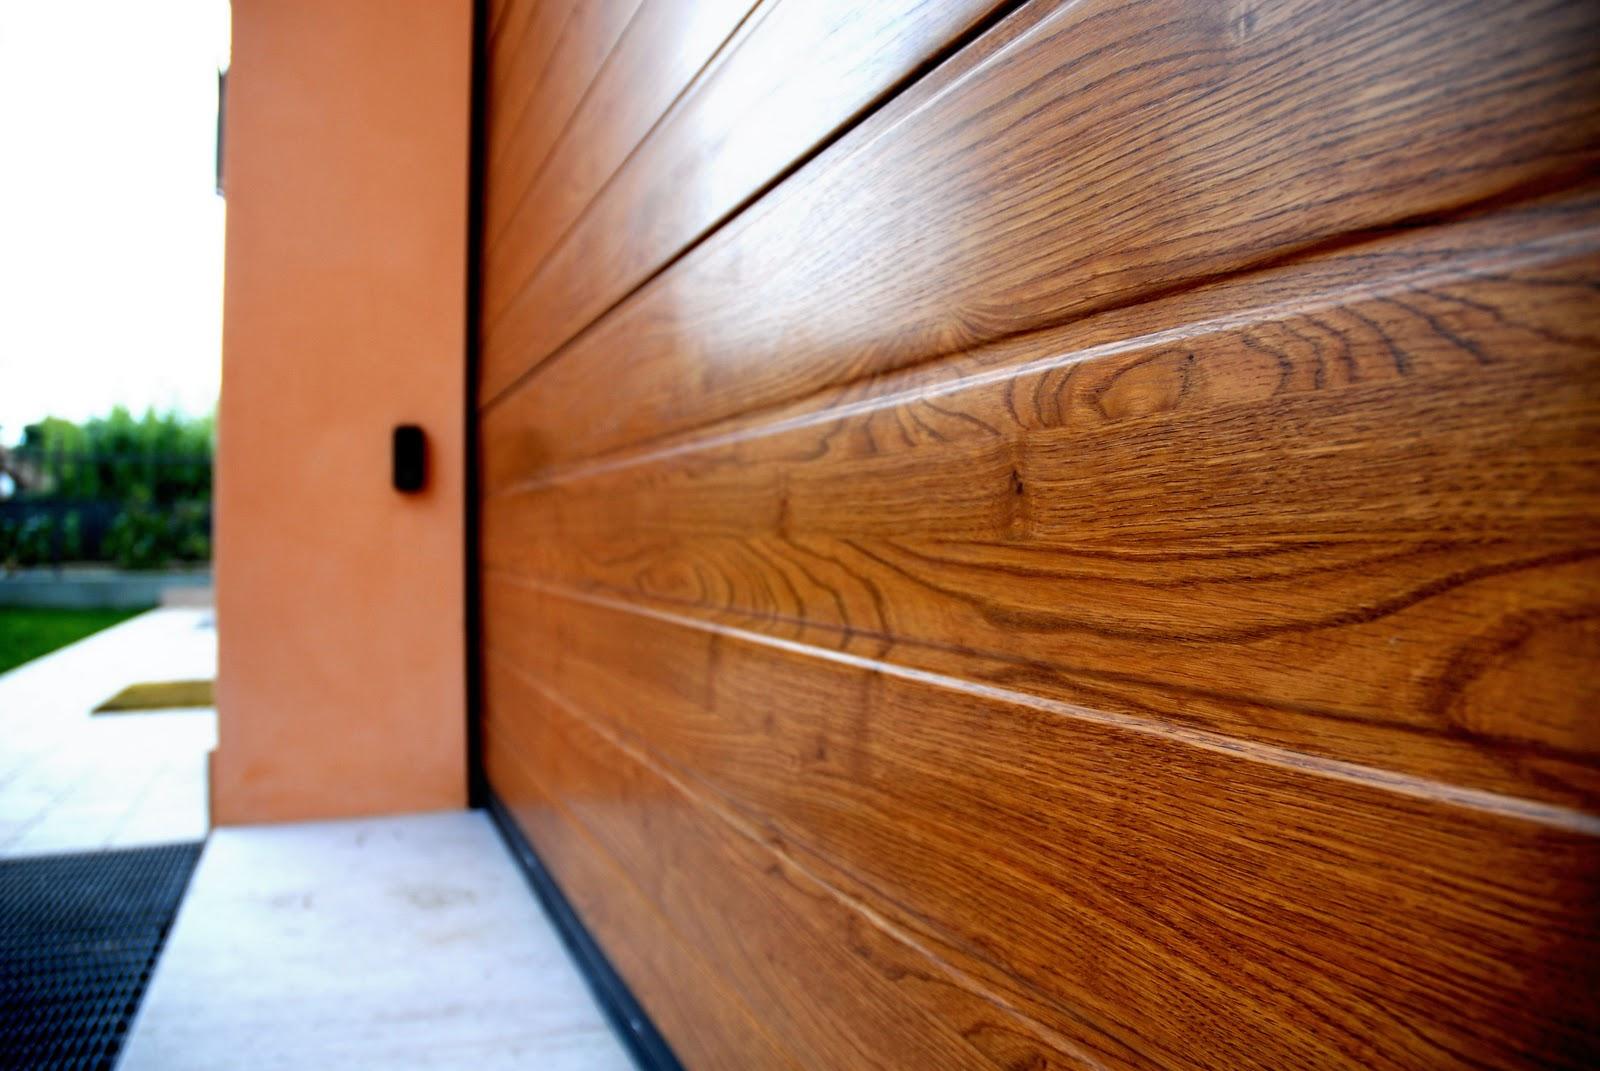 Impregnante per legno: perchè non usarlo - artedelrestauro.it